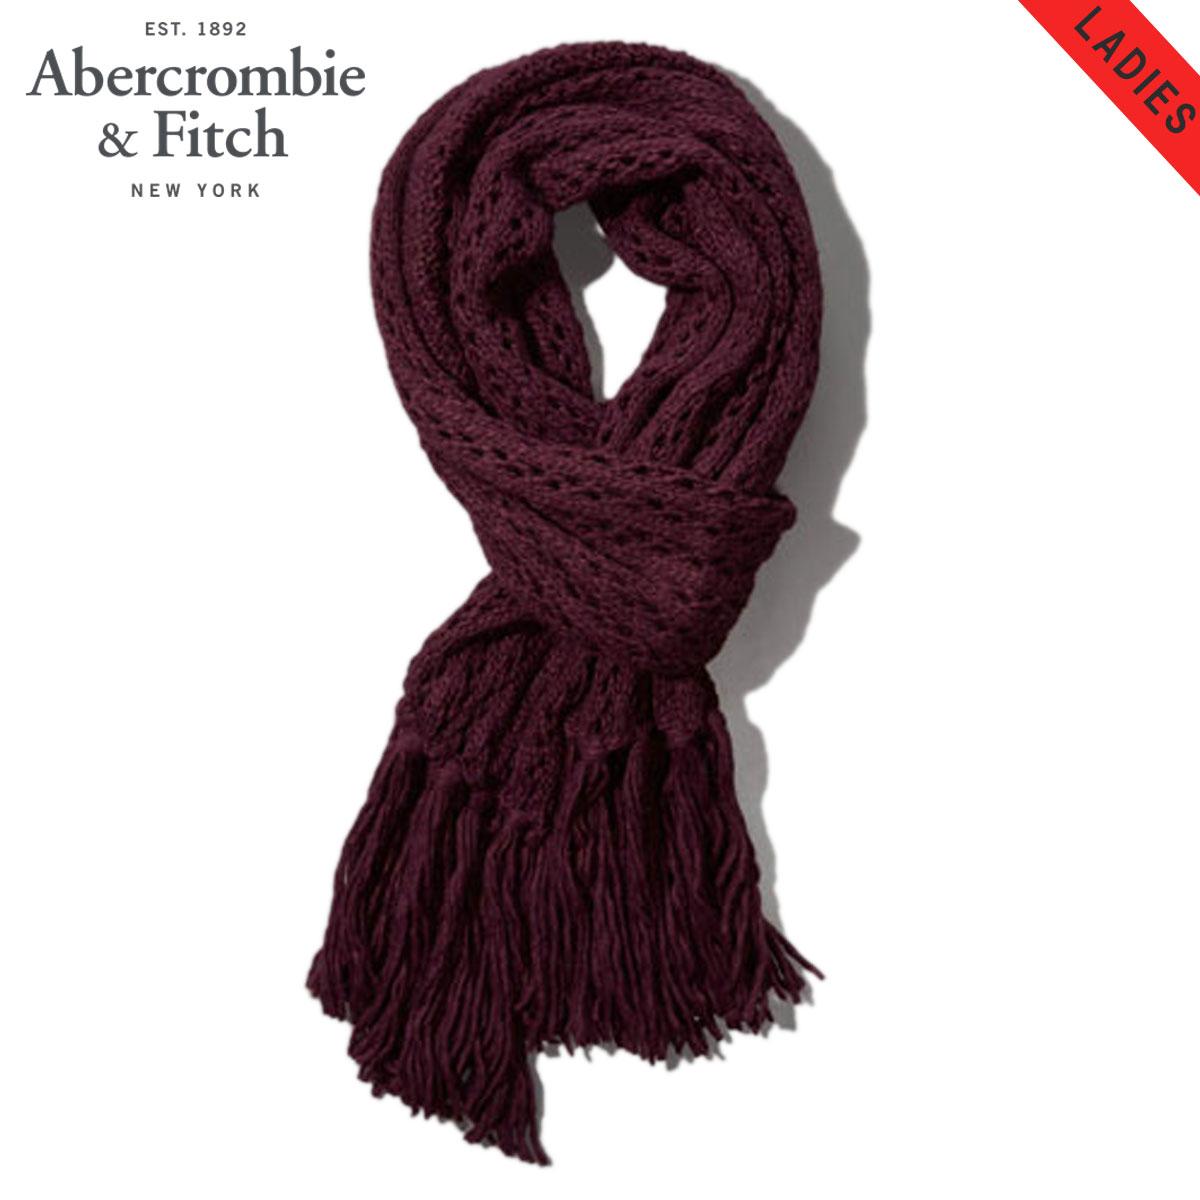 【販売期間 10/18 10:00〜10/26 1:59】 アバクロ Abercrombie&Fitch 正規品 スカーフ Cozy Knit Scarf 165-710-0307-054 D15S25